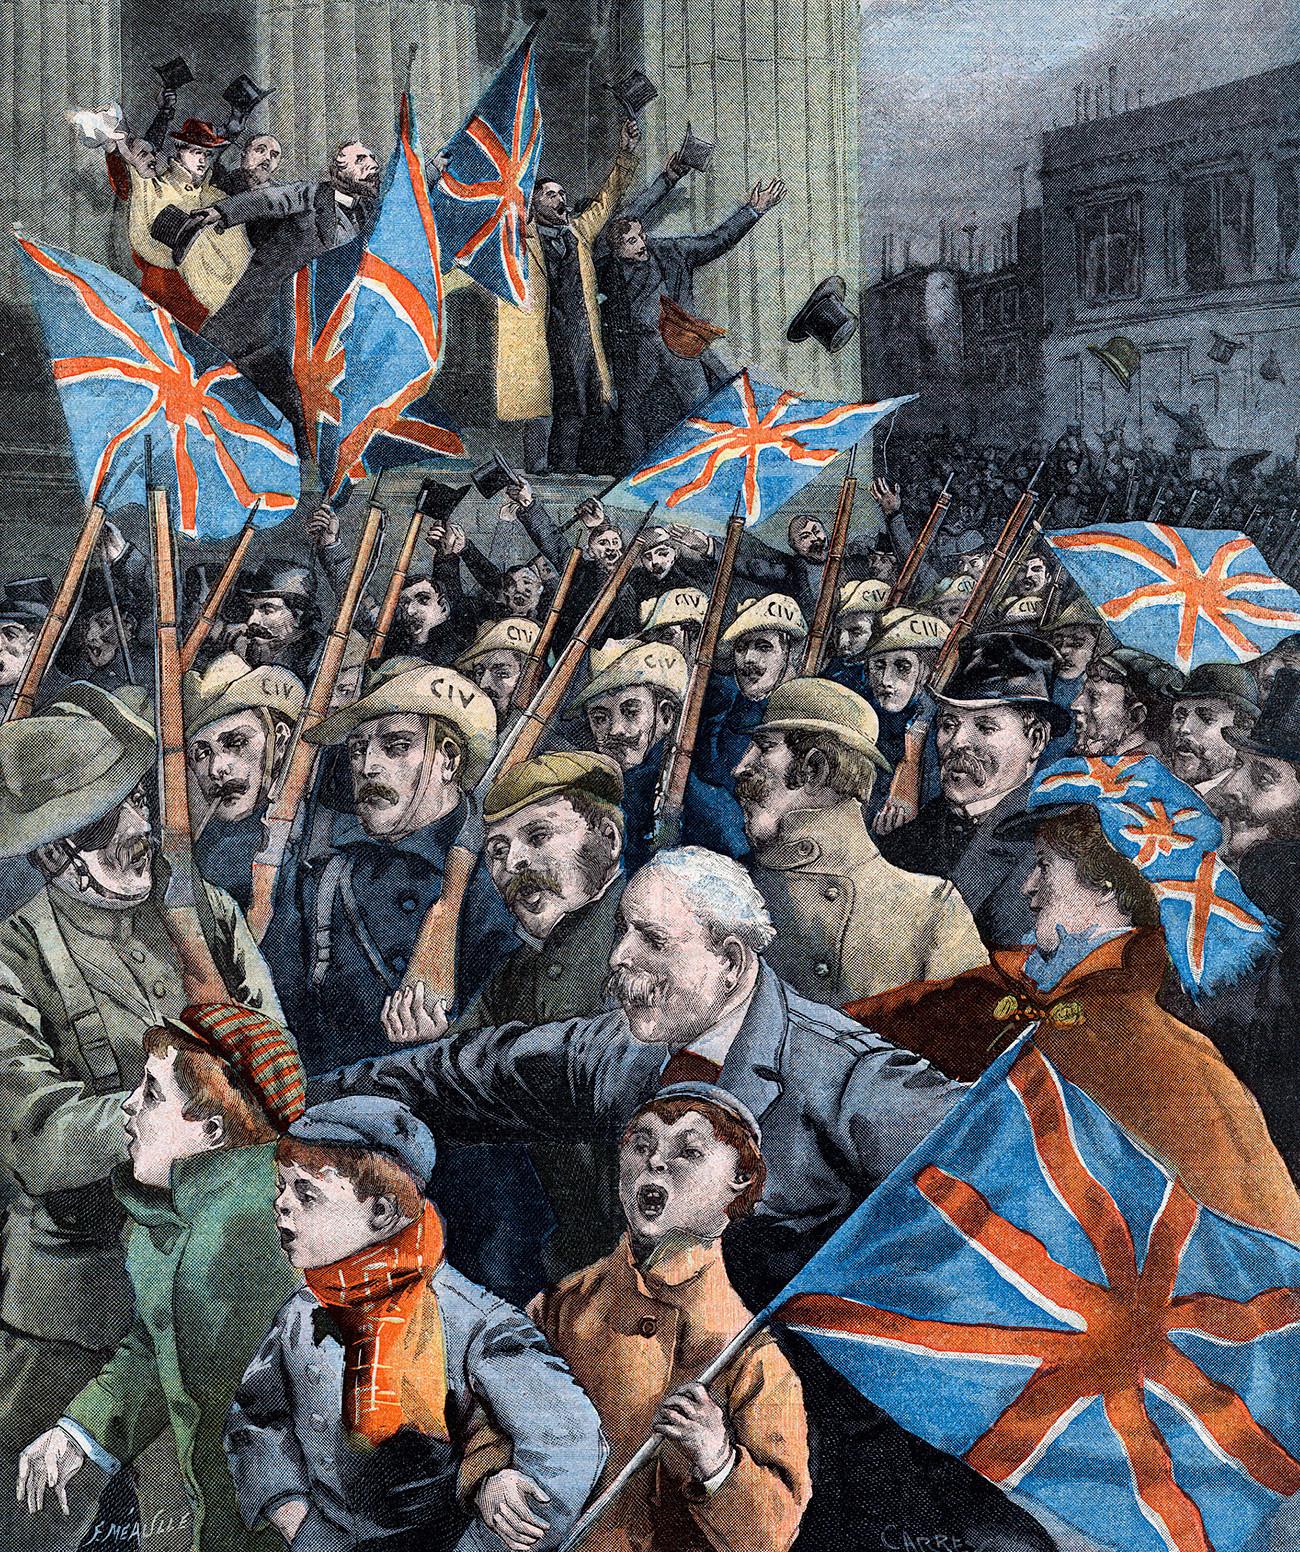 Втората бурска војна во Трансвал, британски доброволци се враќаат од Англо-бурската војна.